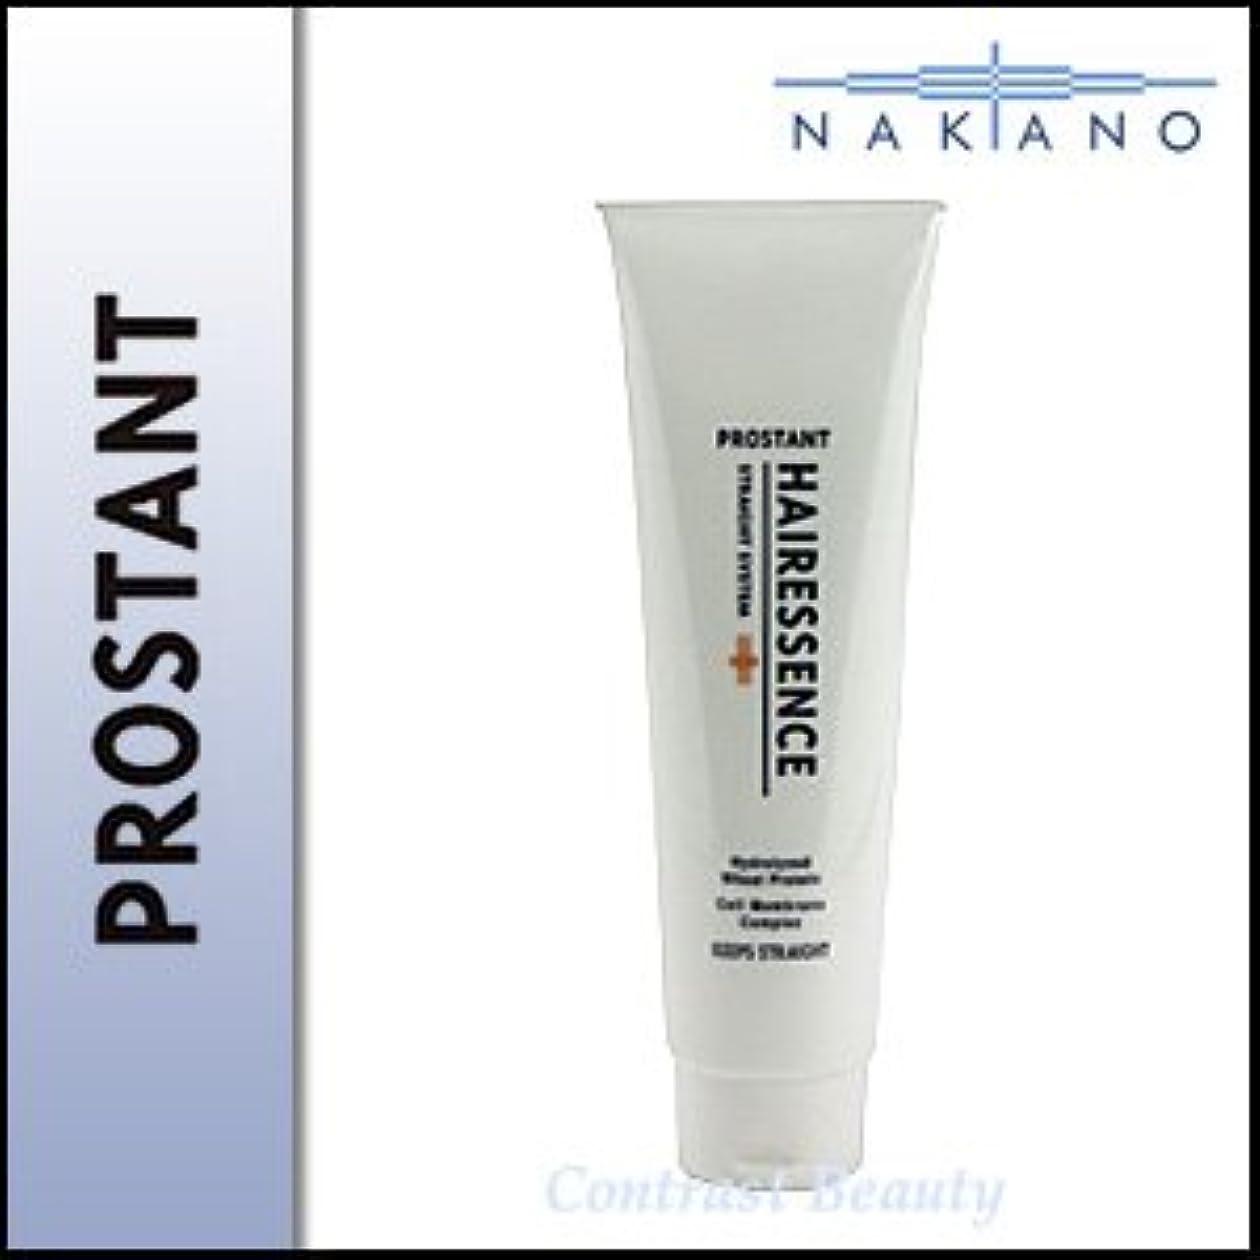 【X3個セット】 ナカノ プロスタント ヘアエッセンス 250g エッセンス(洗い流さないヘアトリートメント) 【ヘアケア Hair care 中野製薬株式会社 NAKANO】